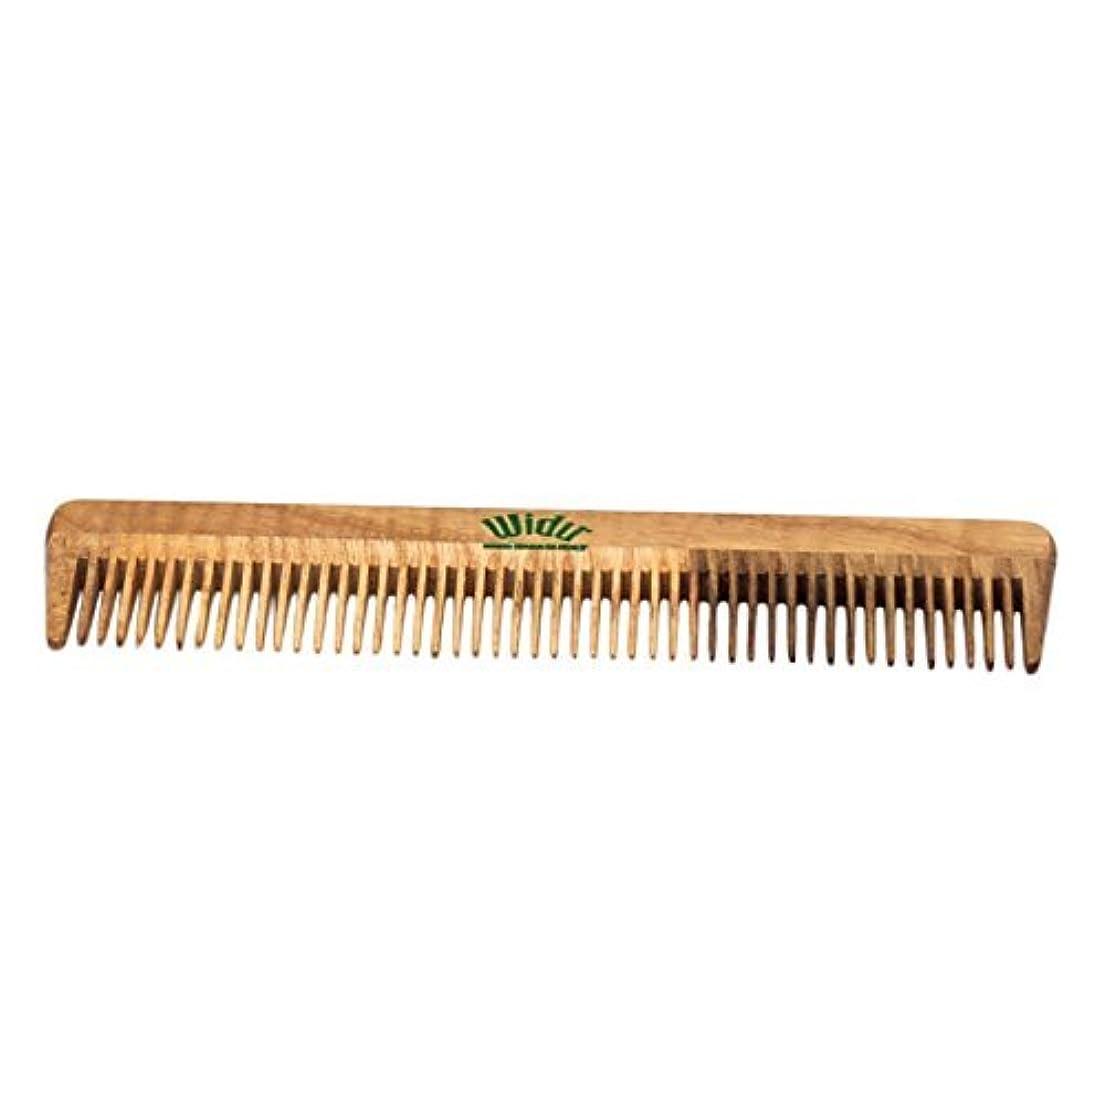 最愛の環境保護主義者グラスSmall Comb with Thin Spaced Teeth 1 Count [並行輸入品]